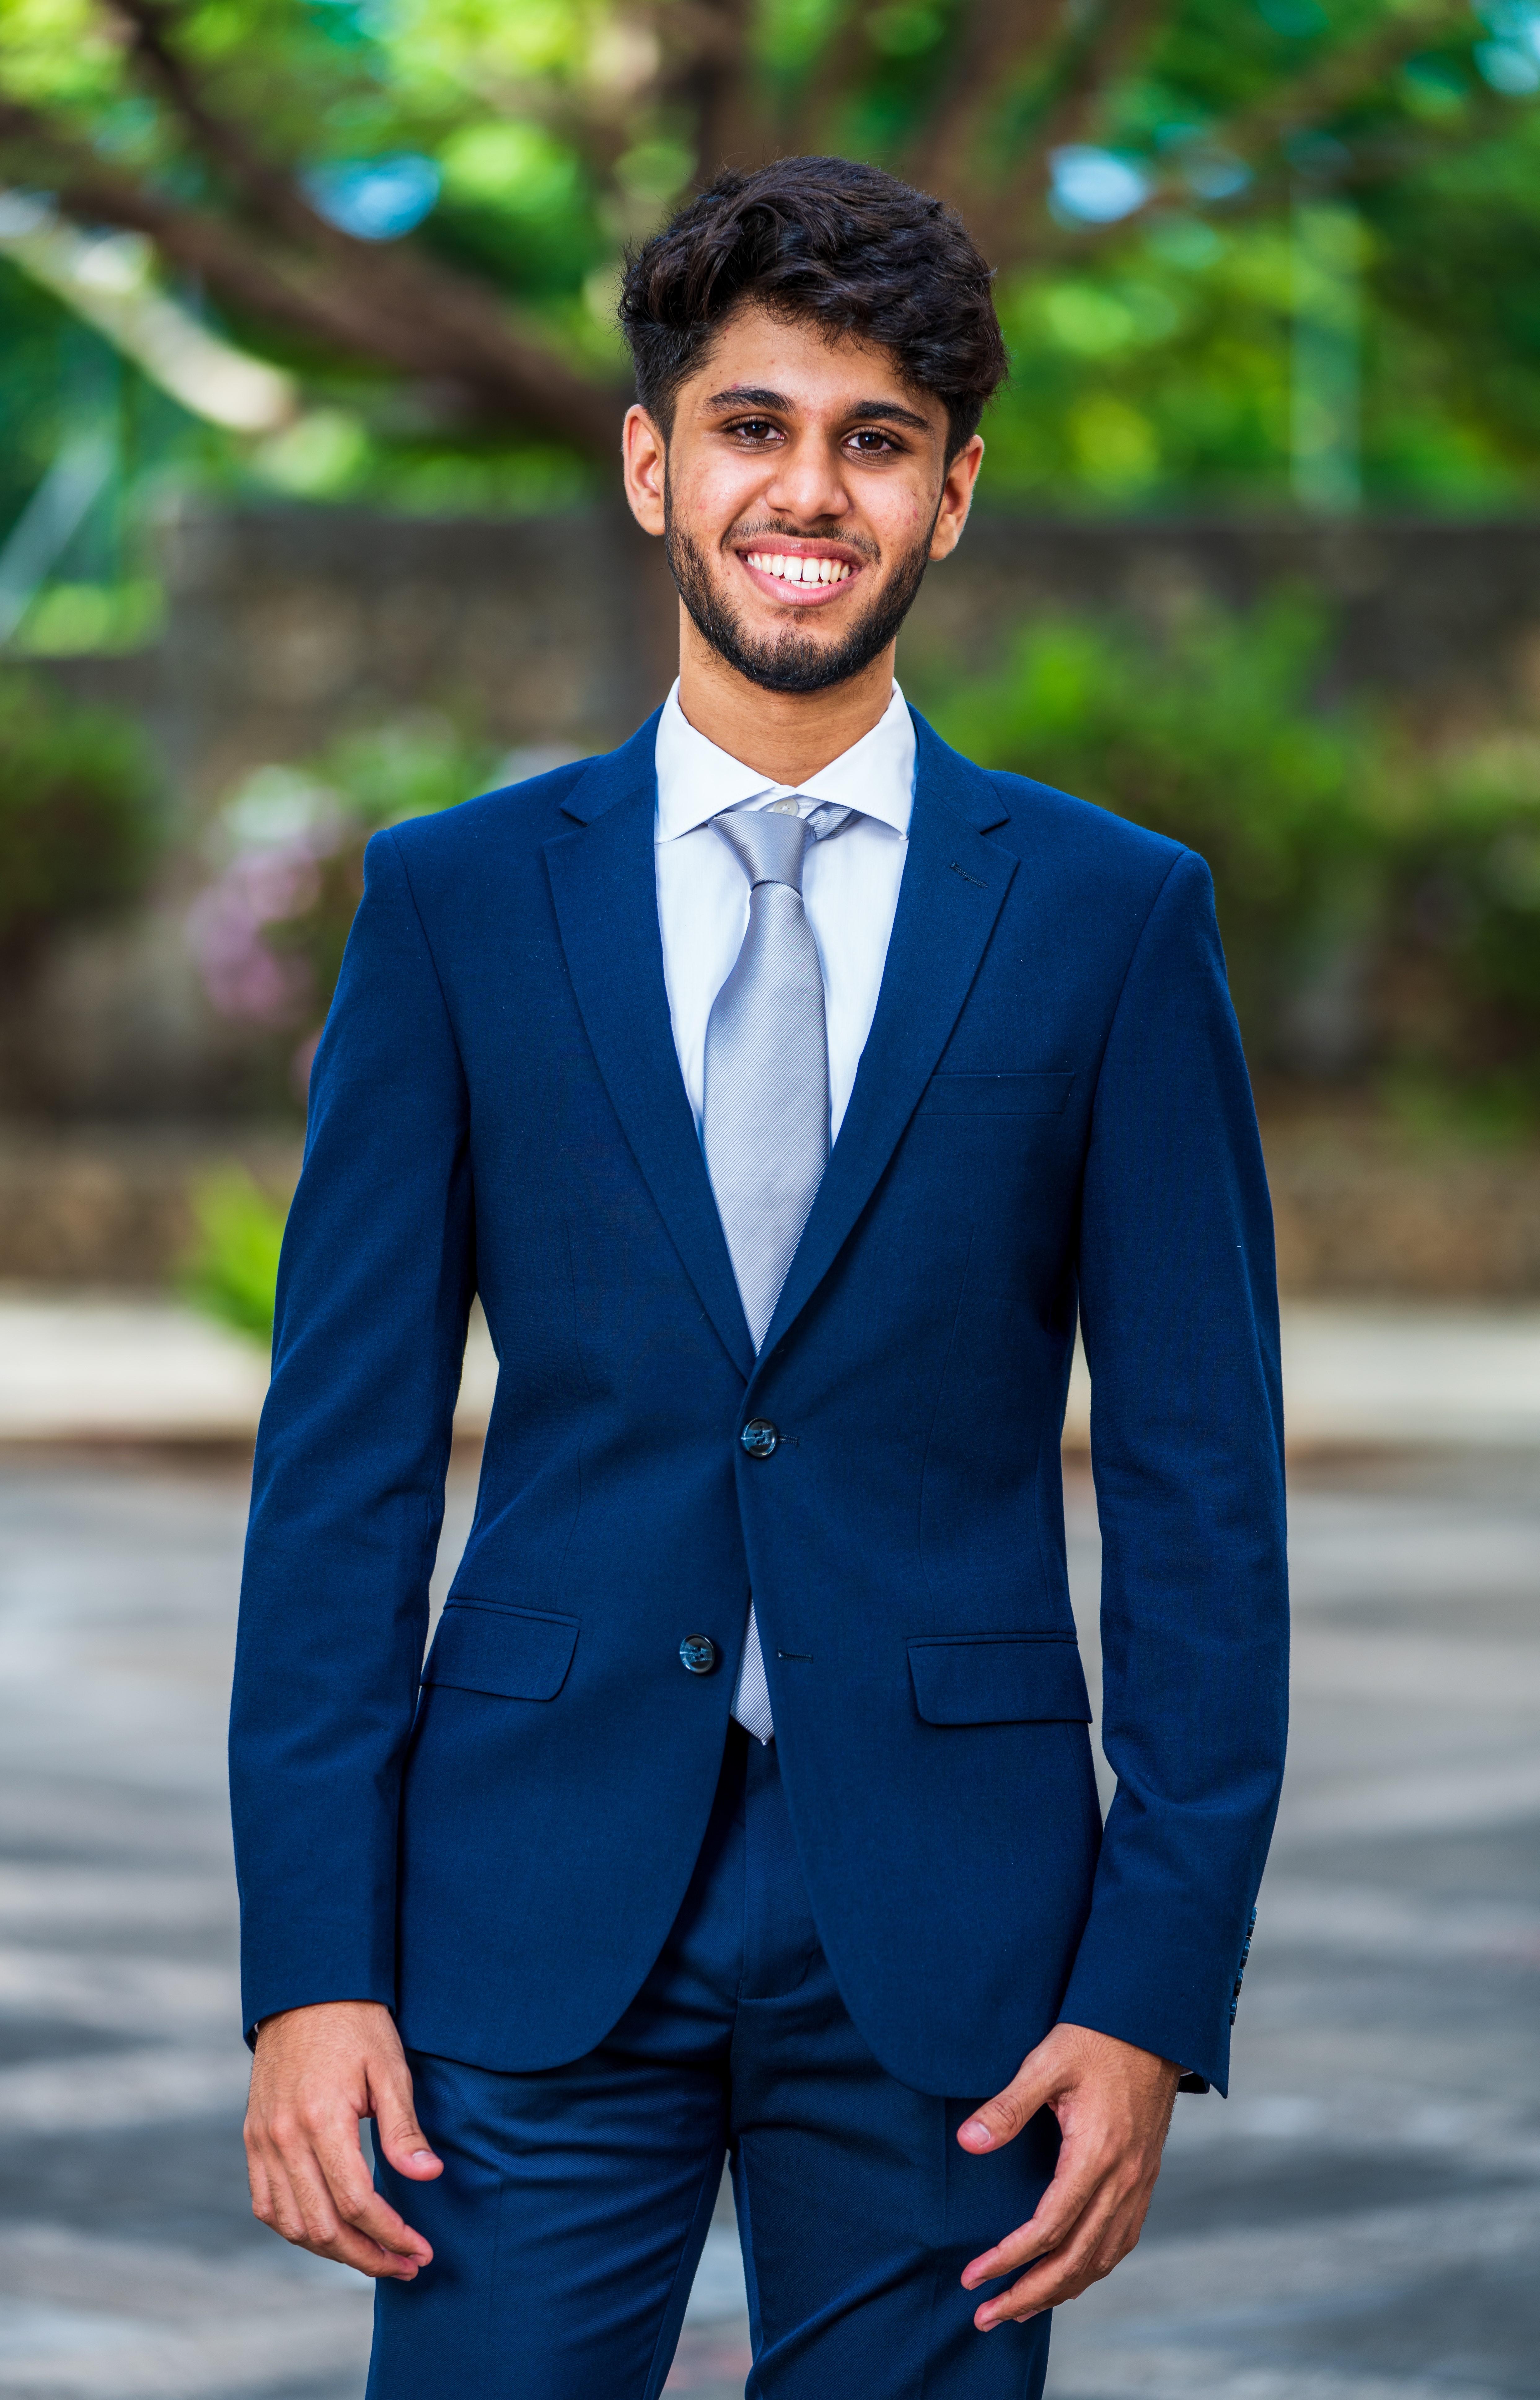 Hisham Ladha